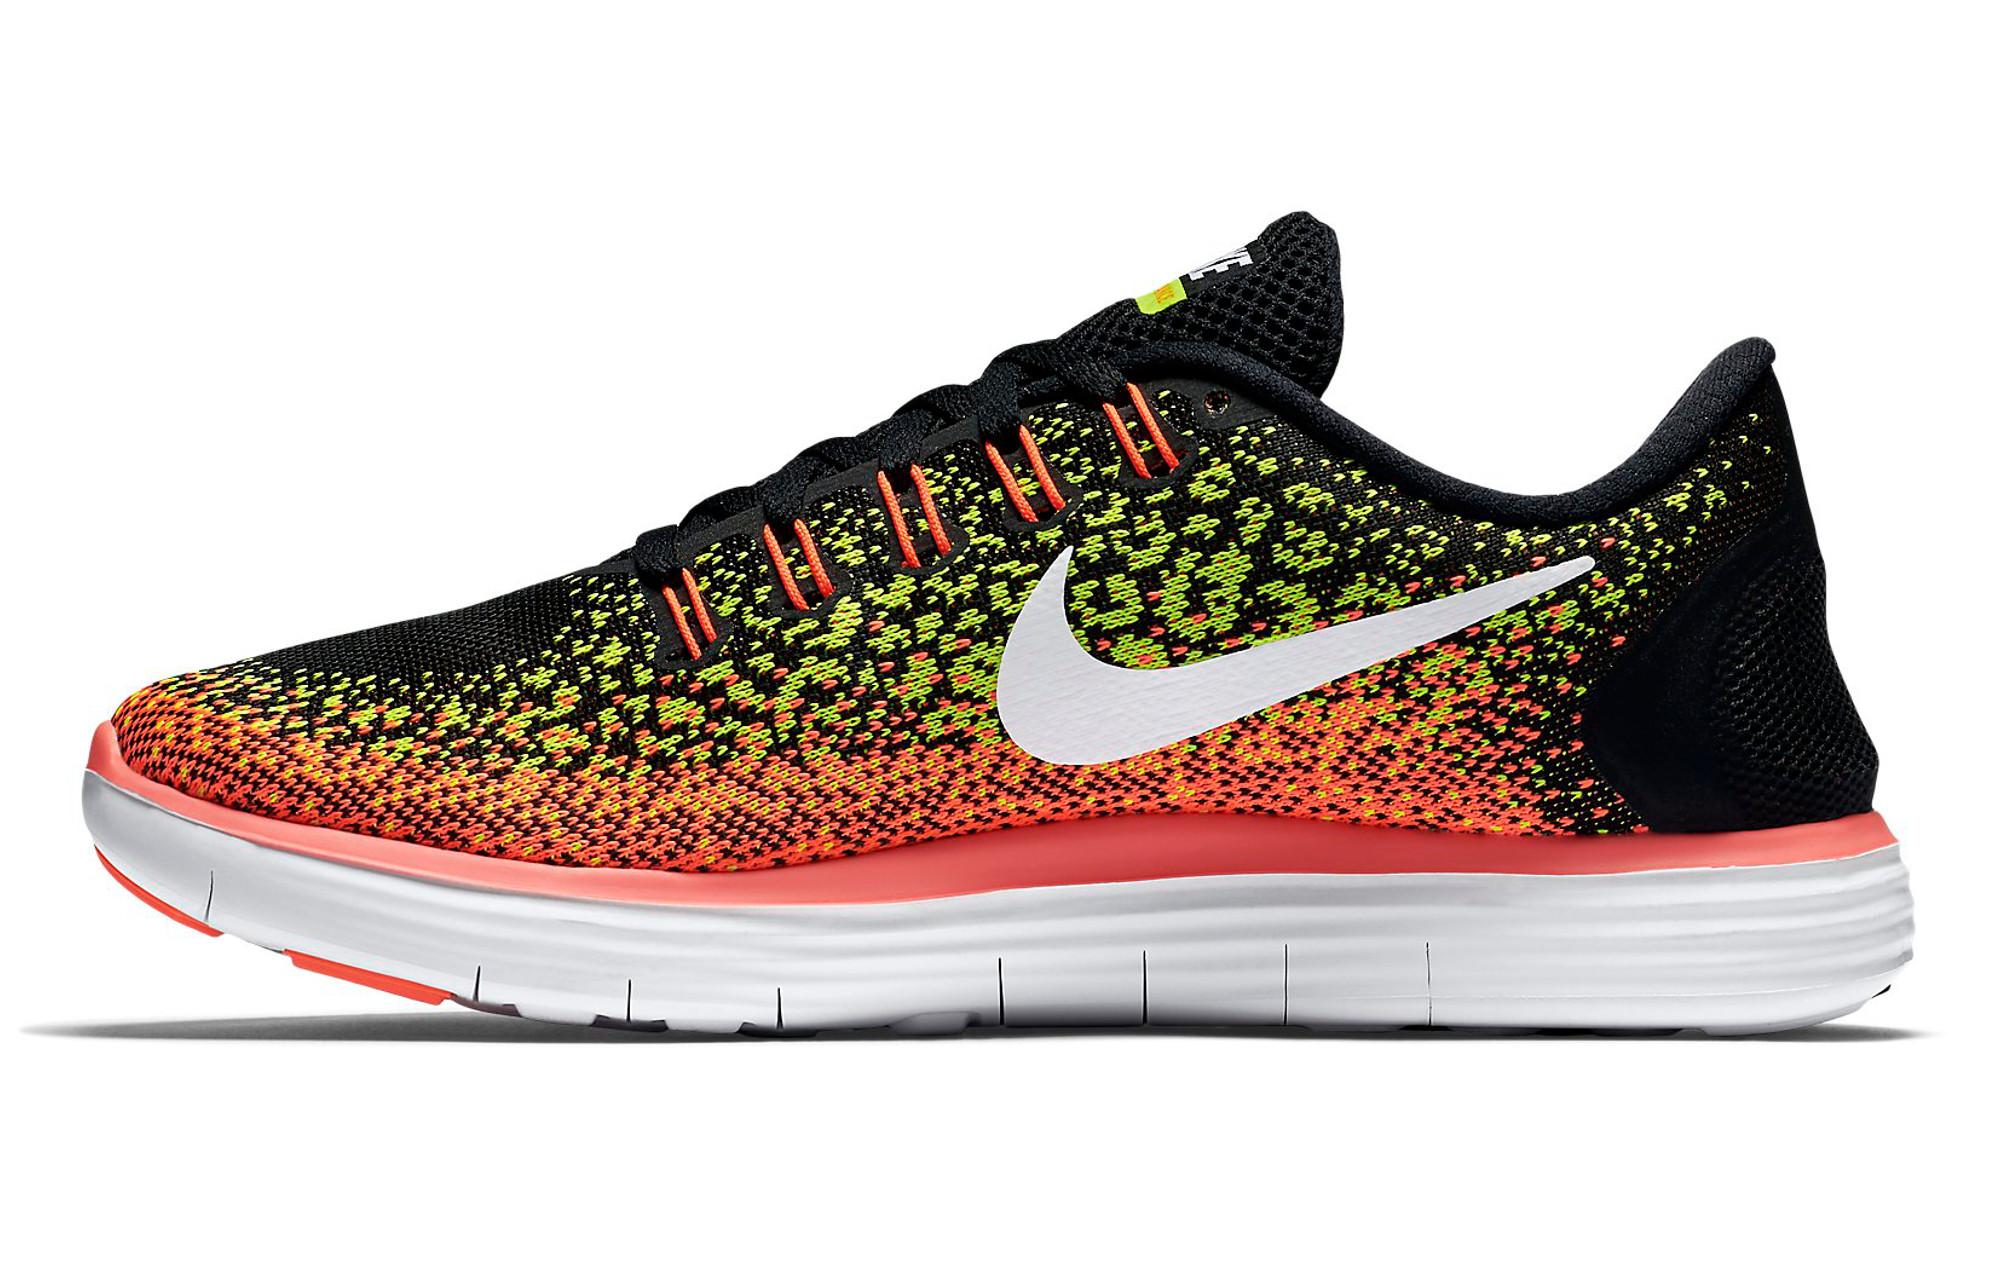 uk availability 7cfdc 3d698 ... ireland chaussures de running femme nike free run distance noir jaune  orange 162a5 d0e24 ...